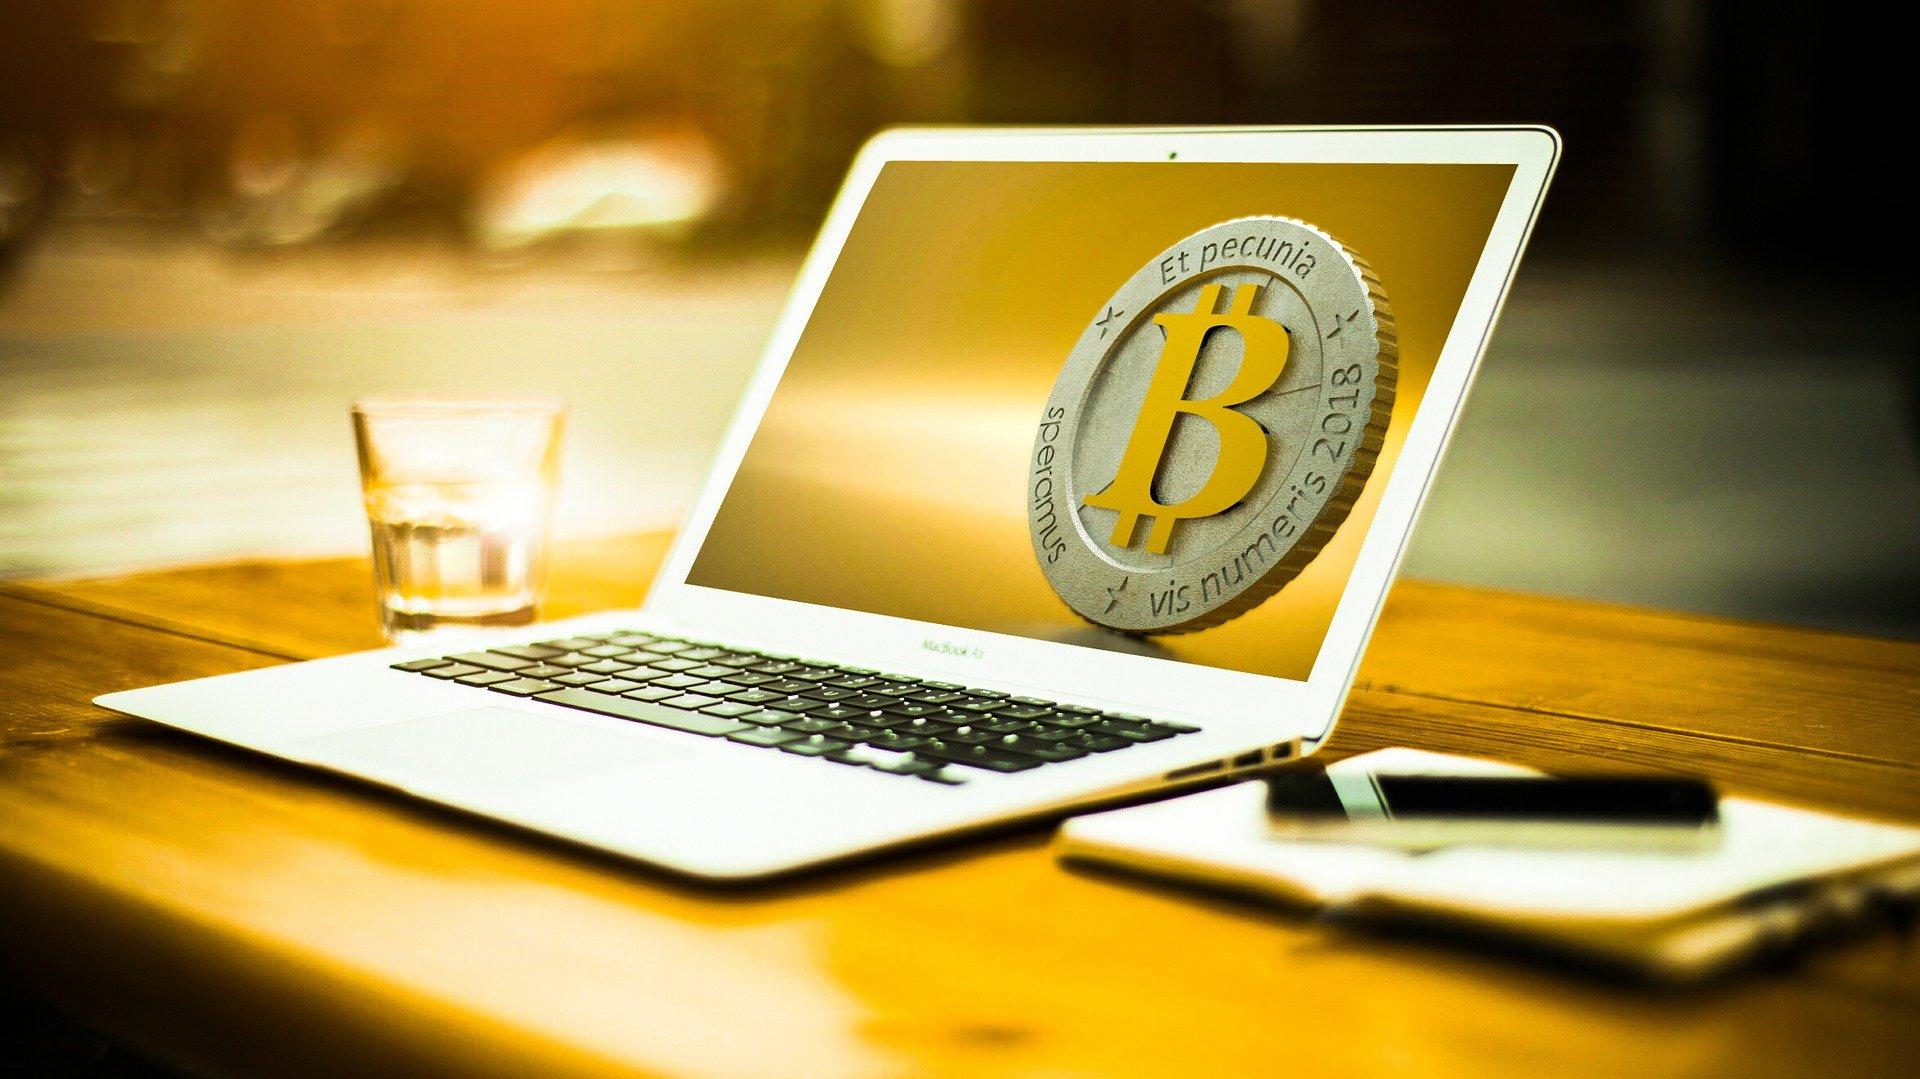 Die Bitcoin Evolution wird in Spanien erklärt